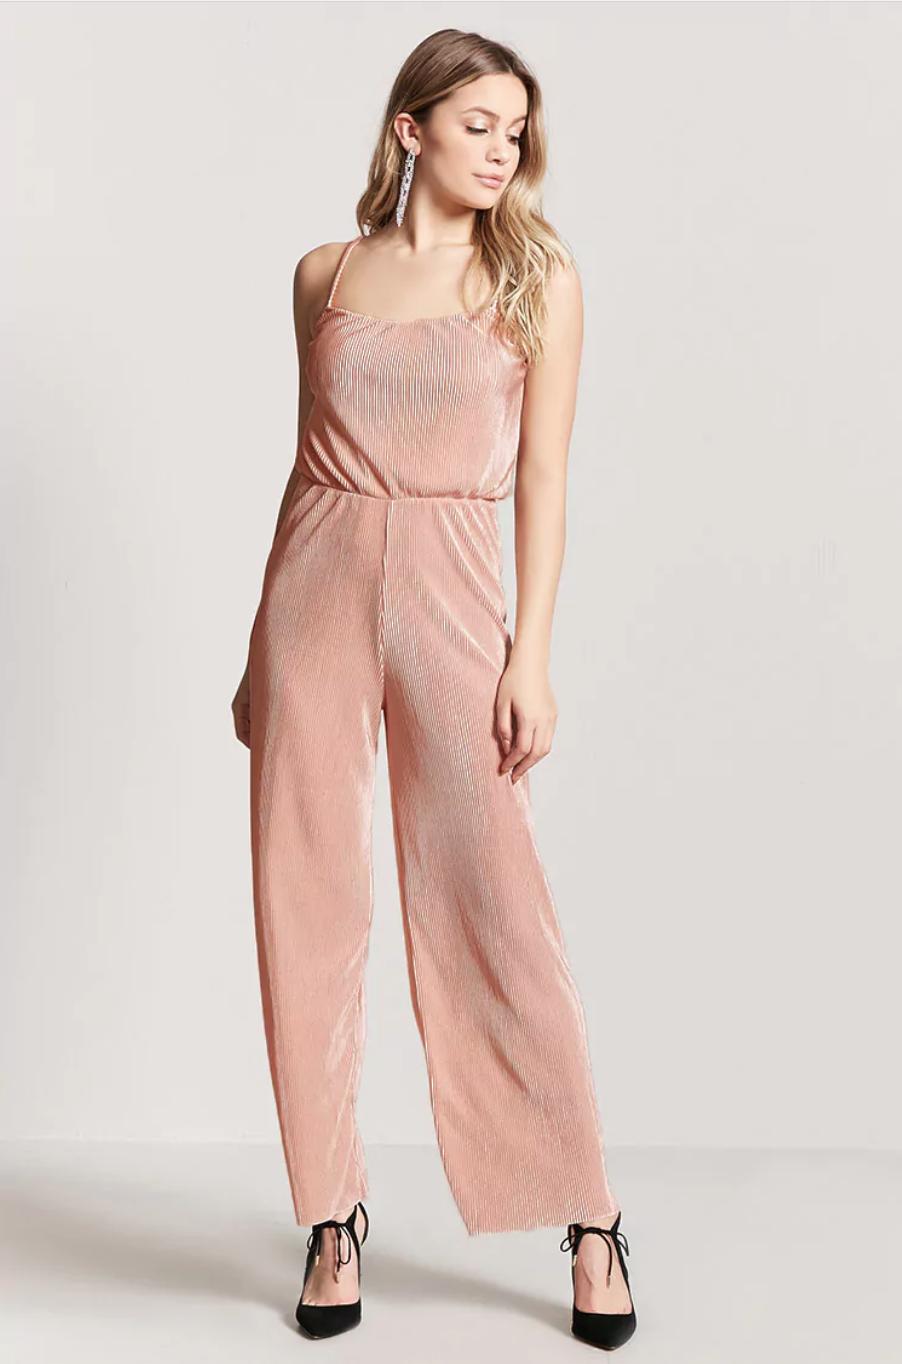 tanger outlets forever 21 blush jumpsuit